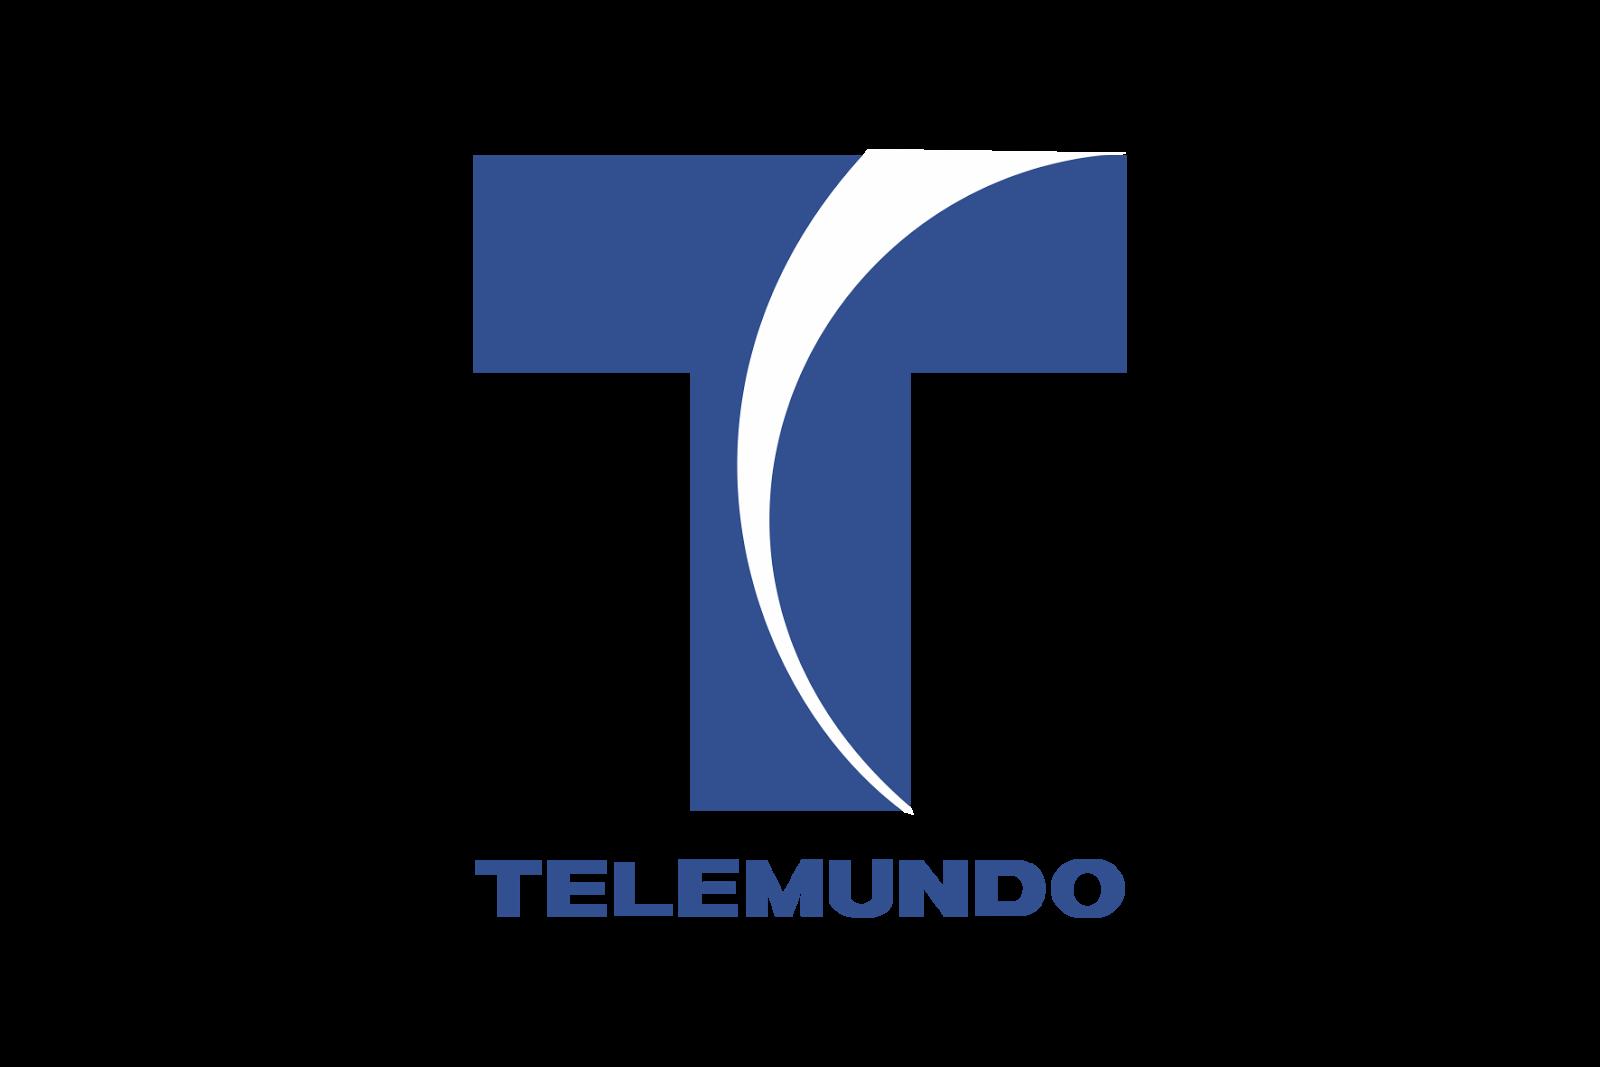 Logo Telemundo.png